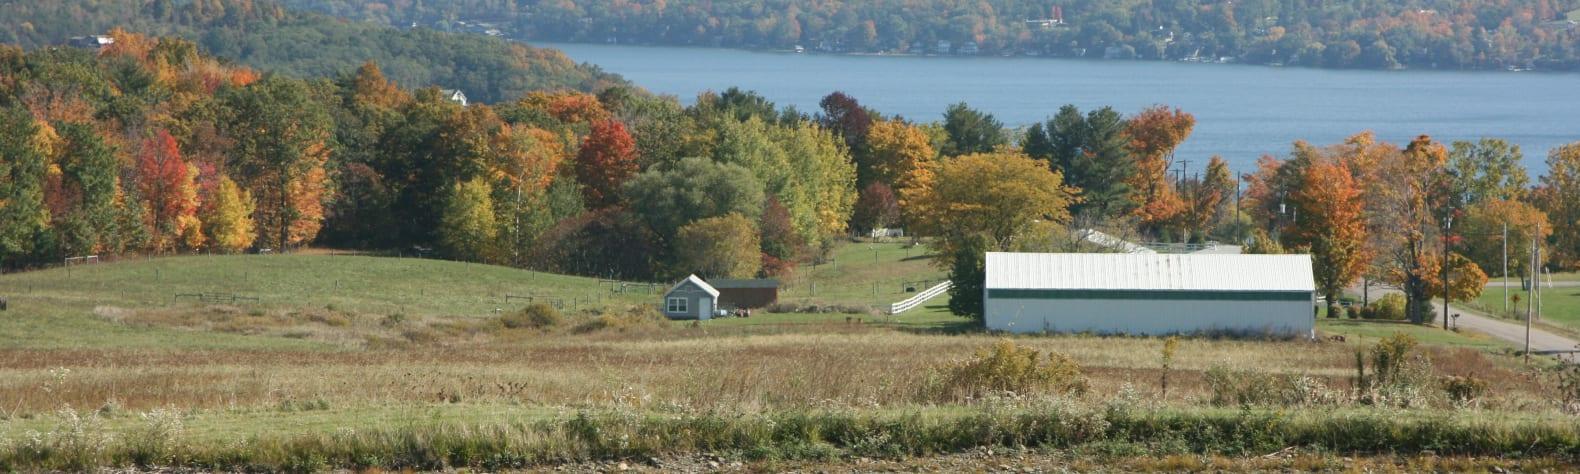 Simon S.'s Land